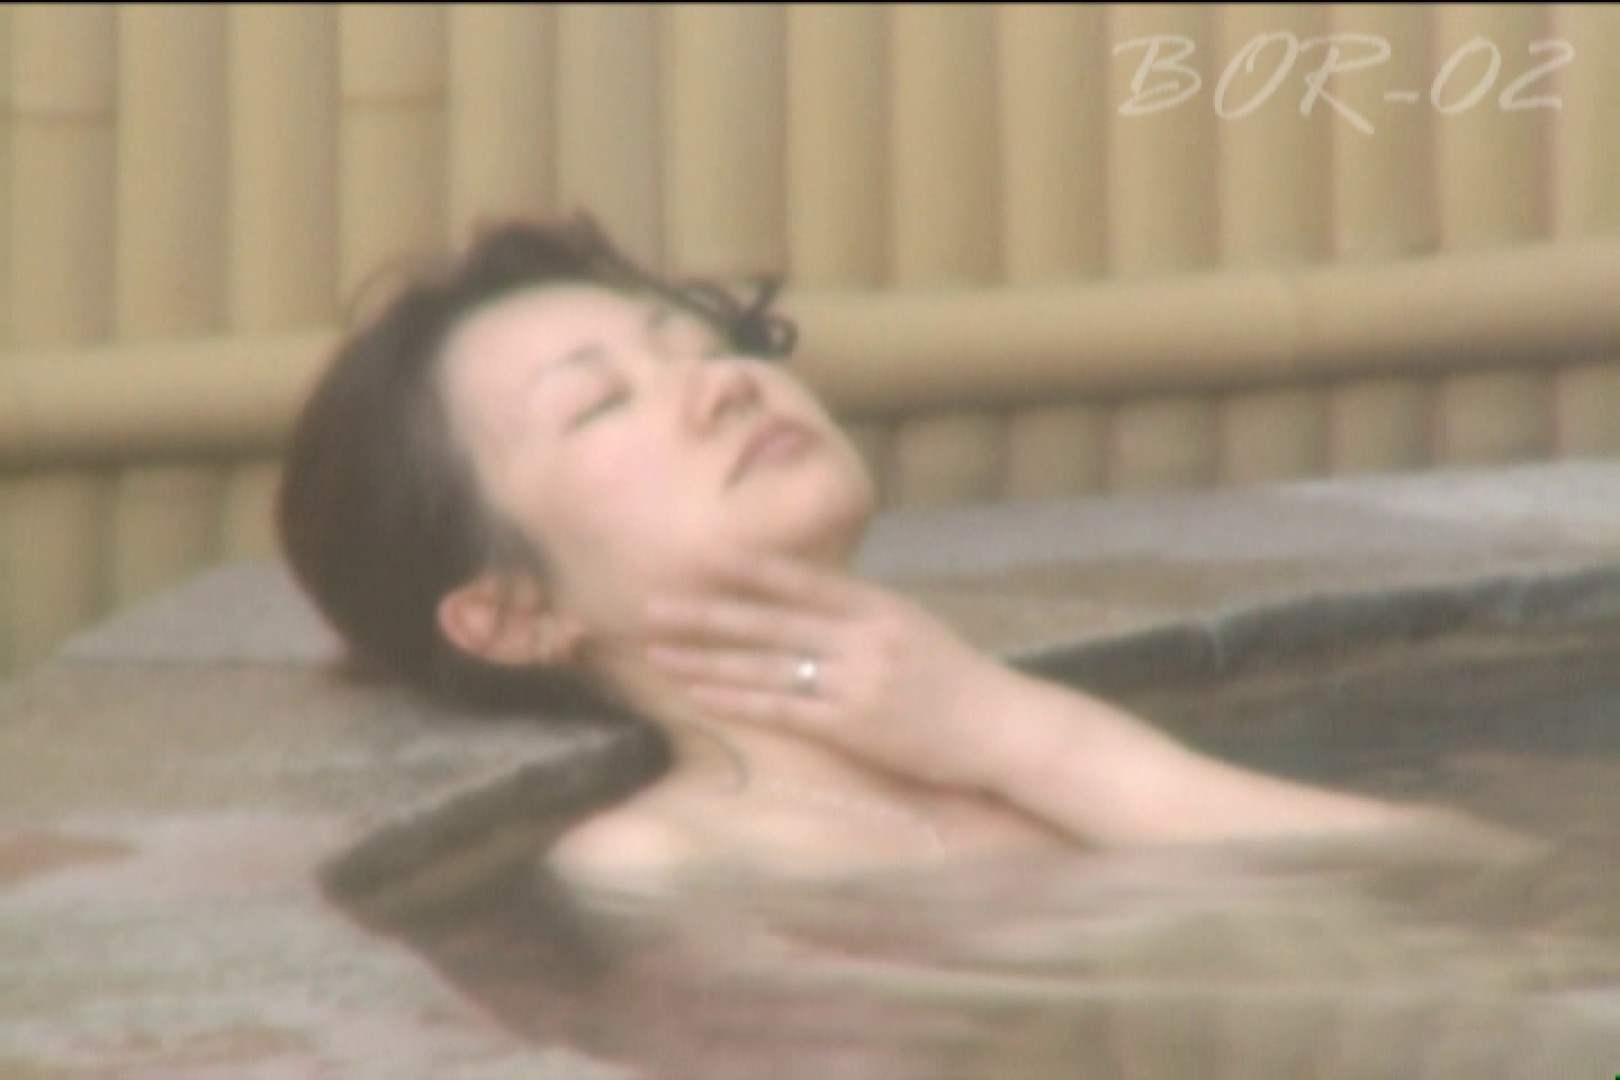 Aquaな露天風呂Vol.477 盗撮 | OLのエロ生活  79連発 49